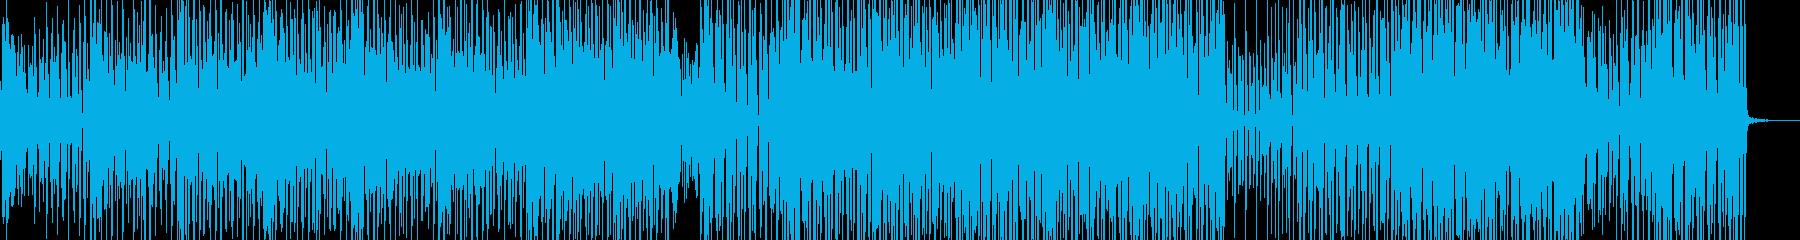 野蛮なリズムとメロディ・クラブテクノ Bの再生済みの波形